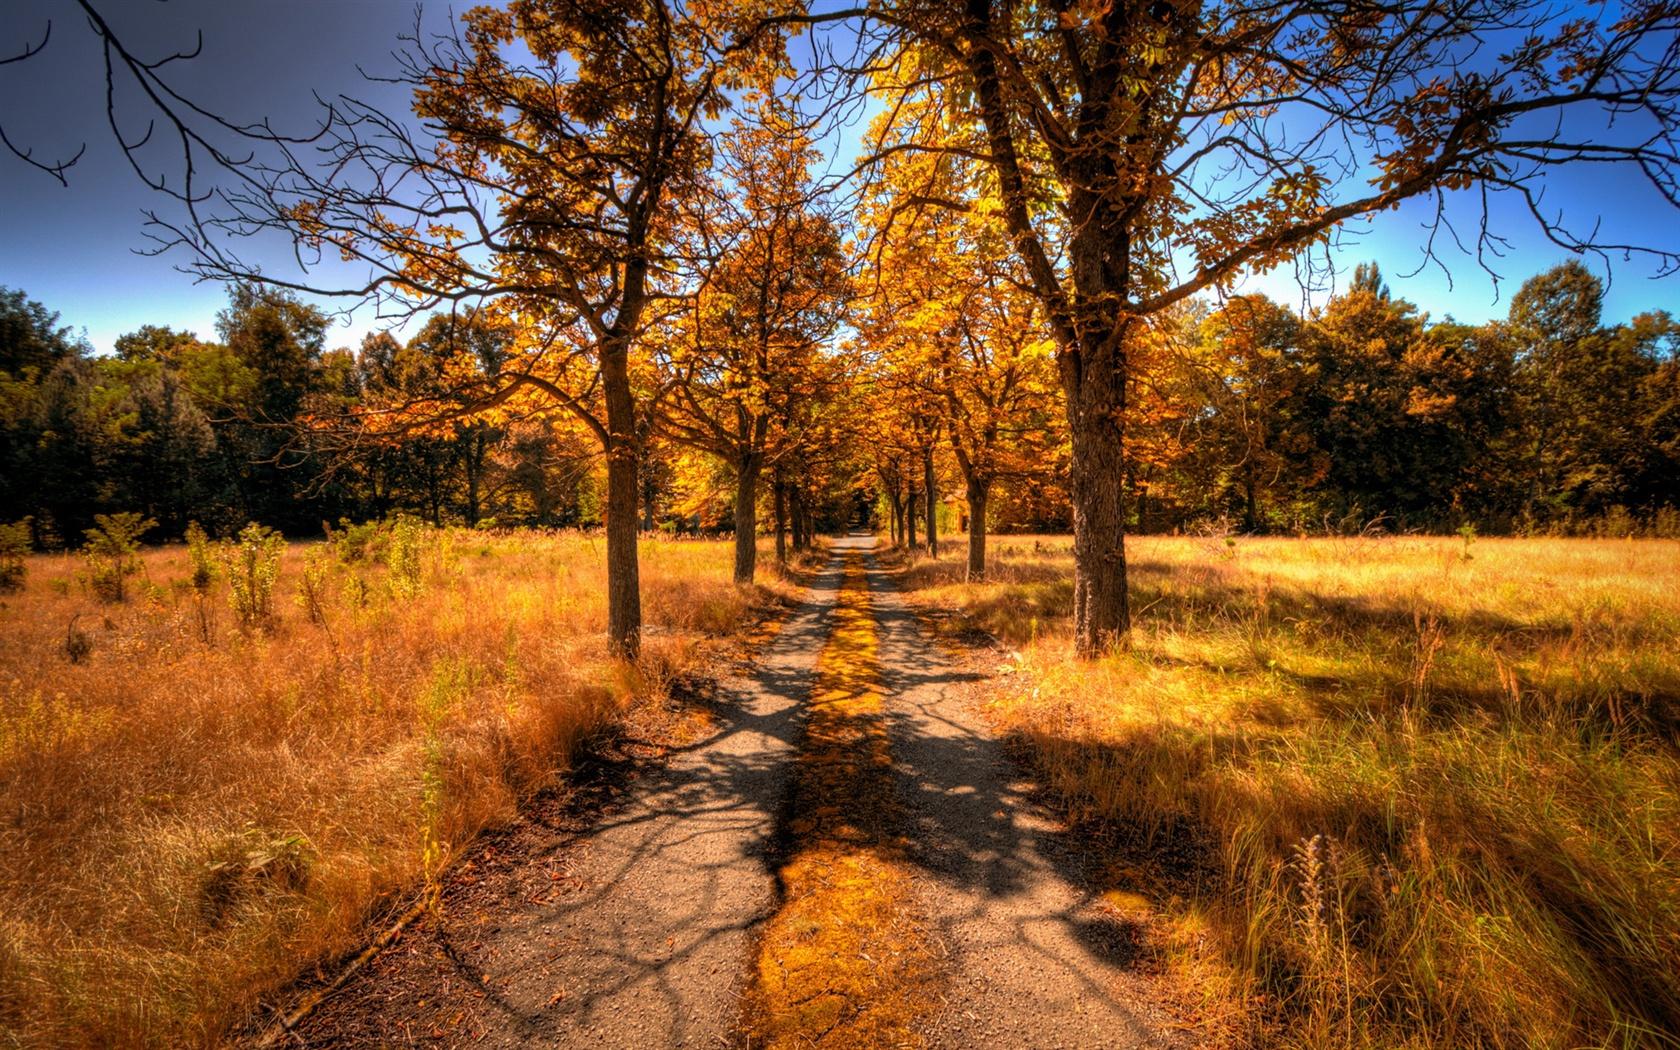 foto de Fonds d'écran Paysage d'automne les feuilles des arbres